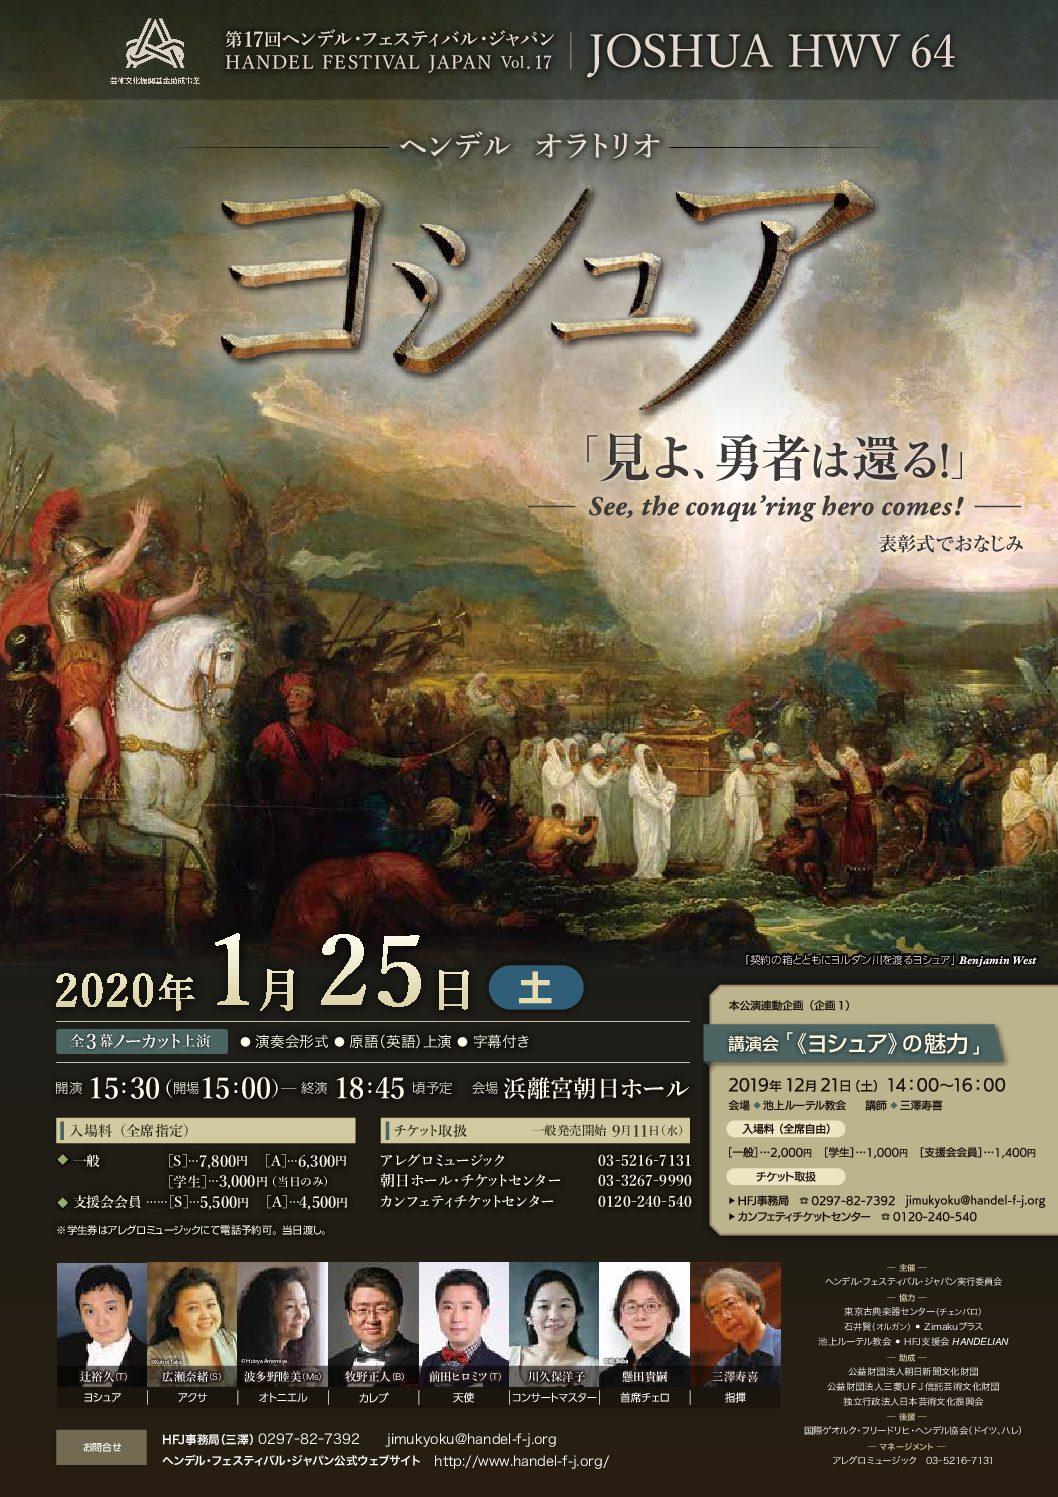 第17回ヘンデル・フェスティバル・ジャパン「ヨシュア」